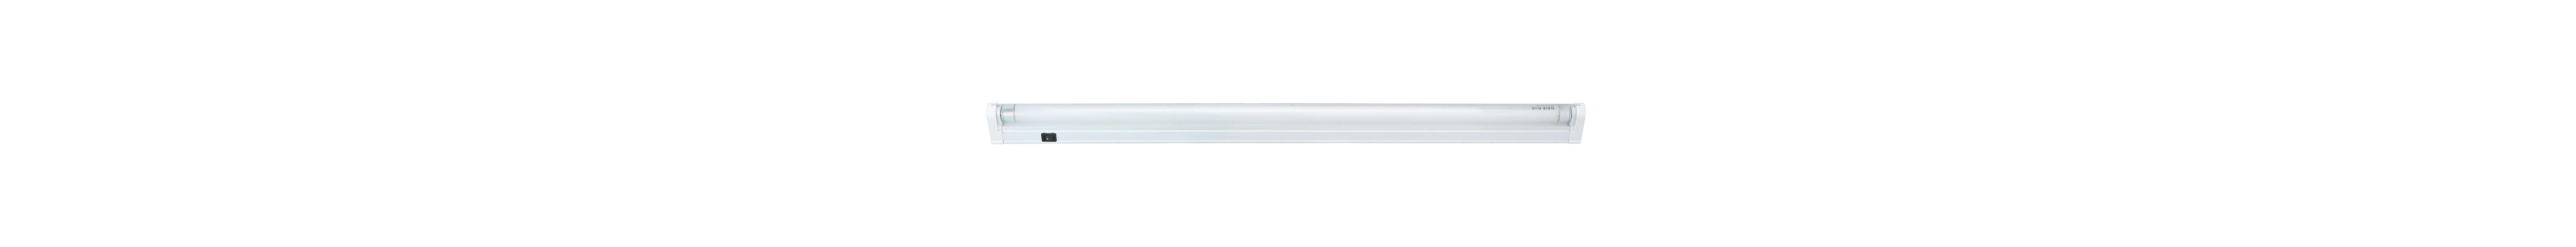 """Cal Lighting UF-21W-41K 34.4"""" T5 Fluorescent Under Cabinet Light White"""